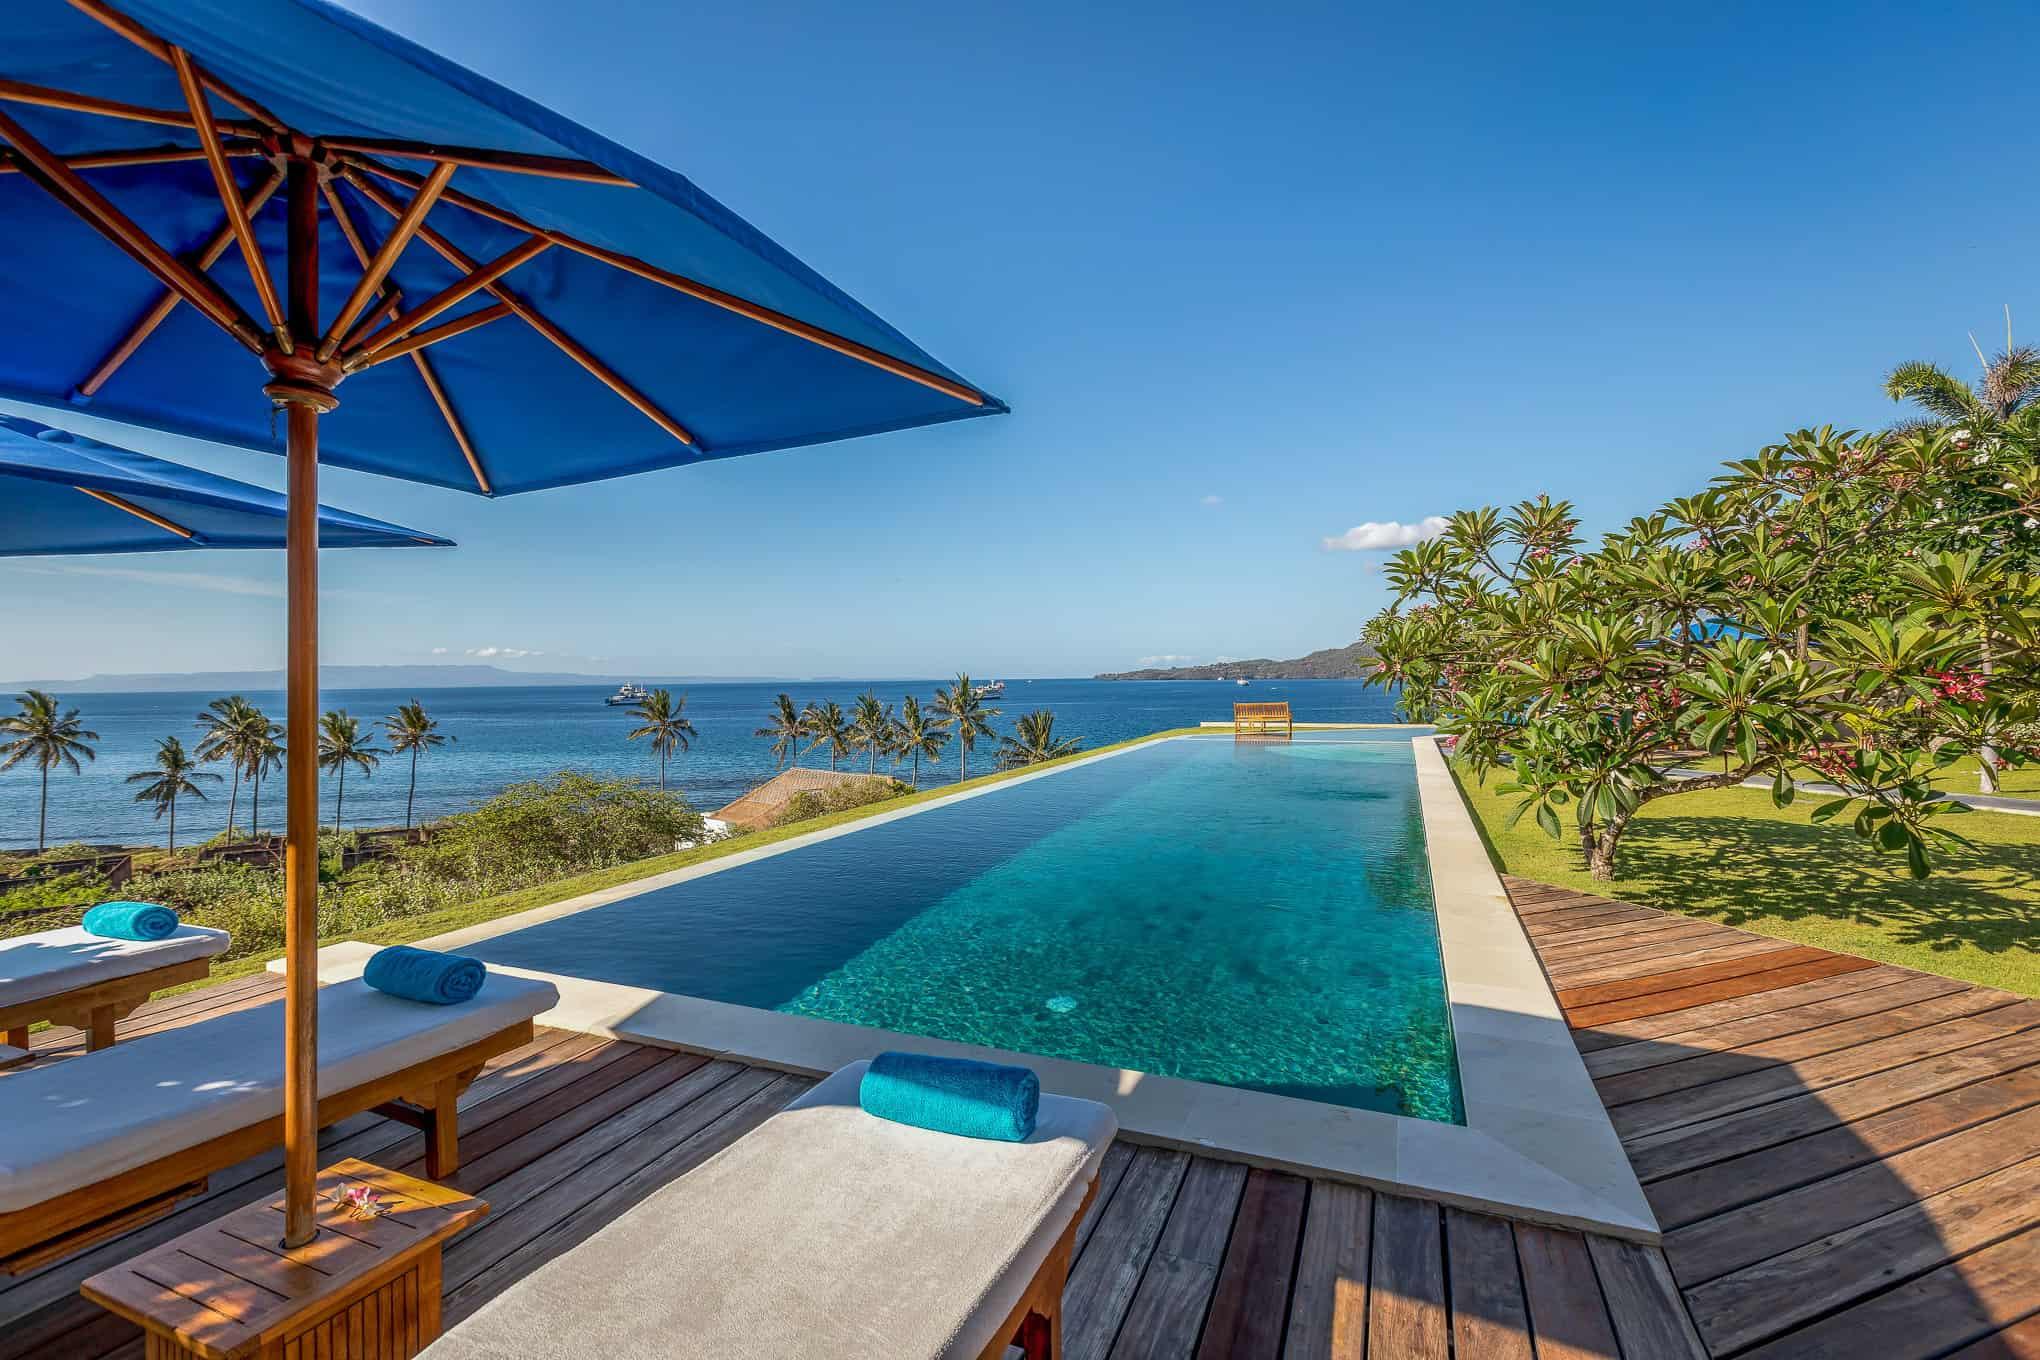 villa-aamisha-bali-vacation-homes-06